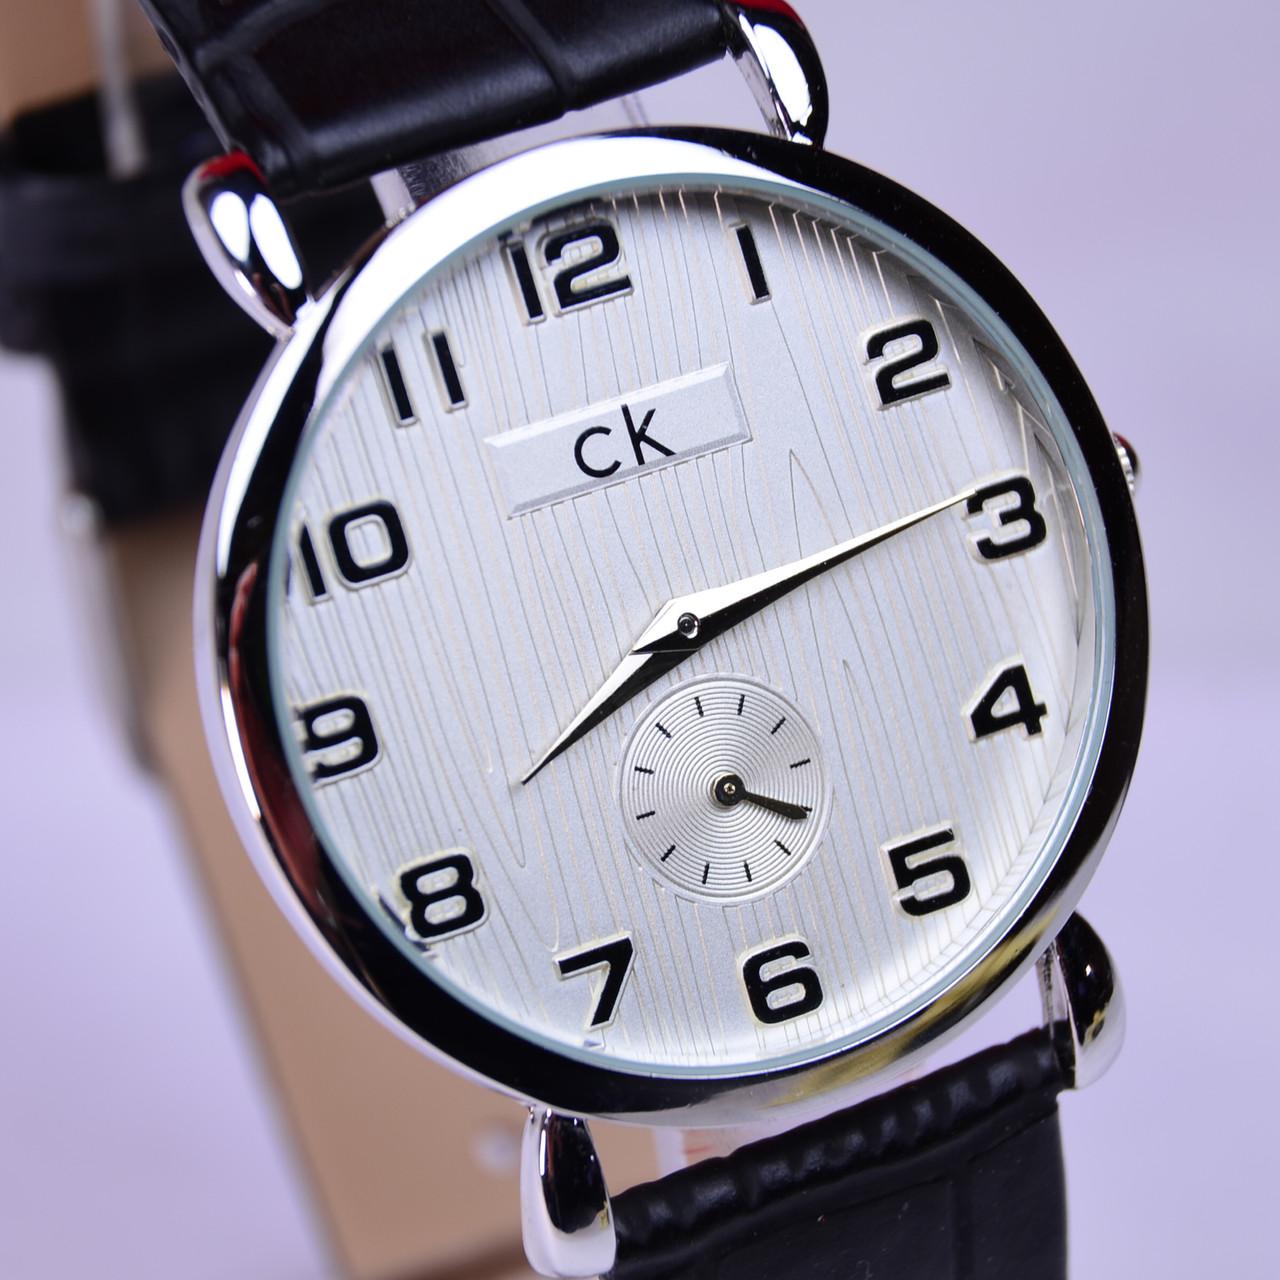 Часы наручные CK Calvin Klein белый циферблат, фото 1